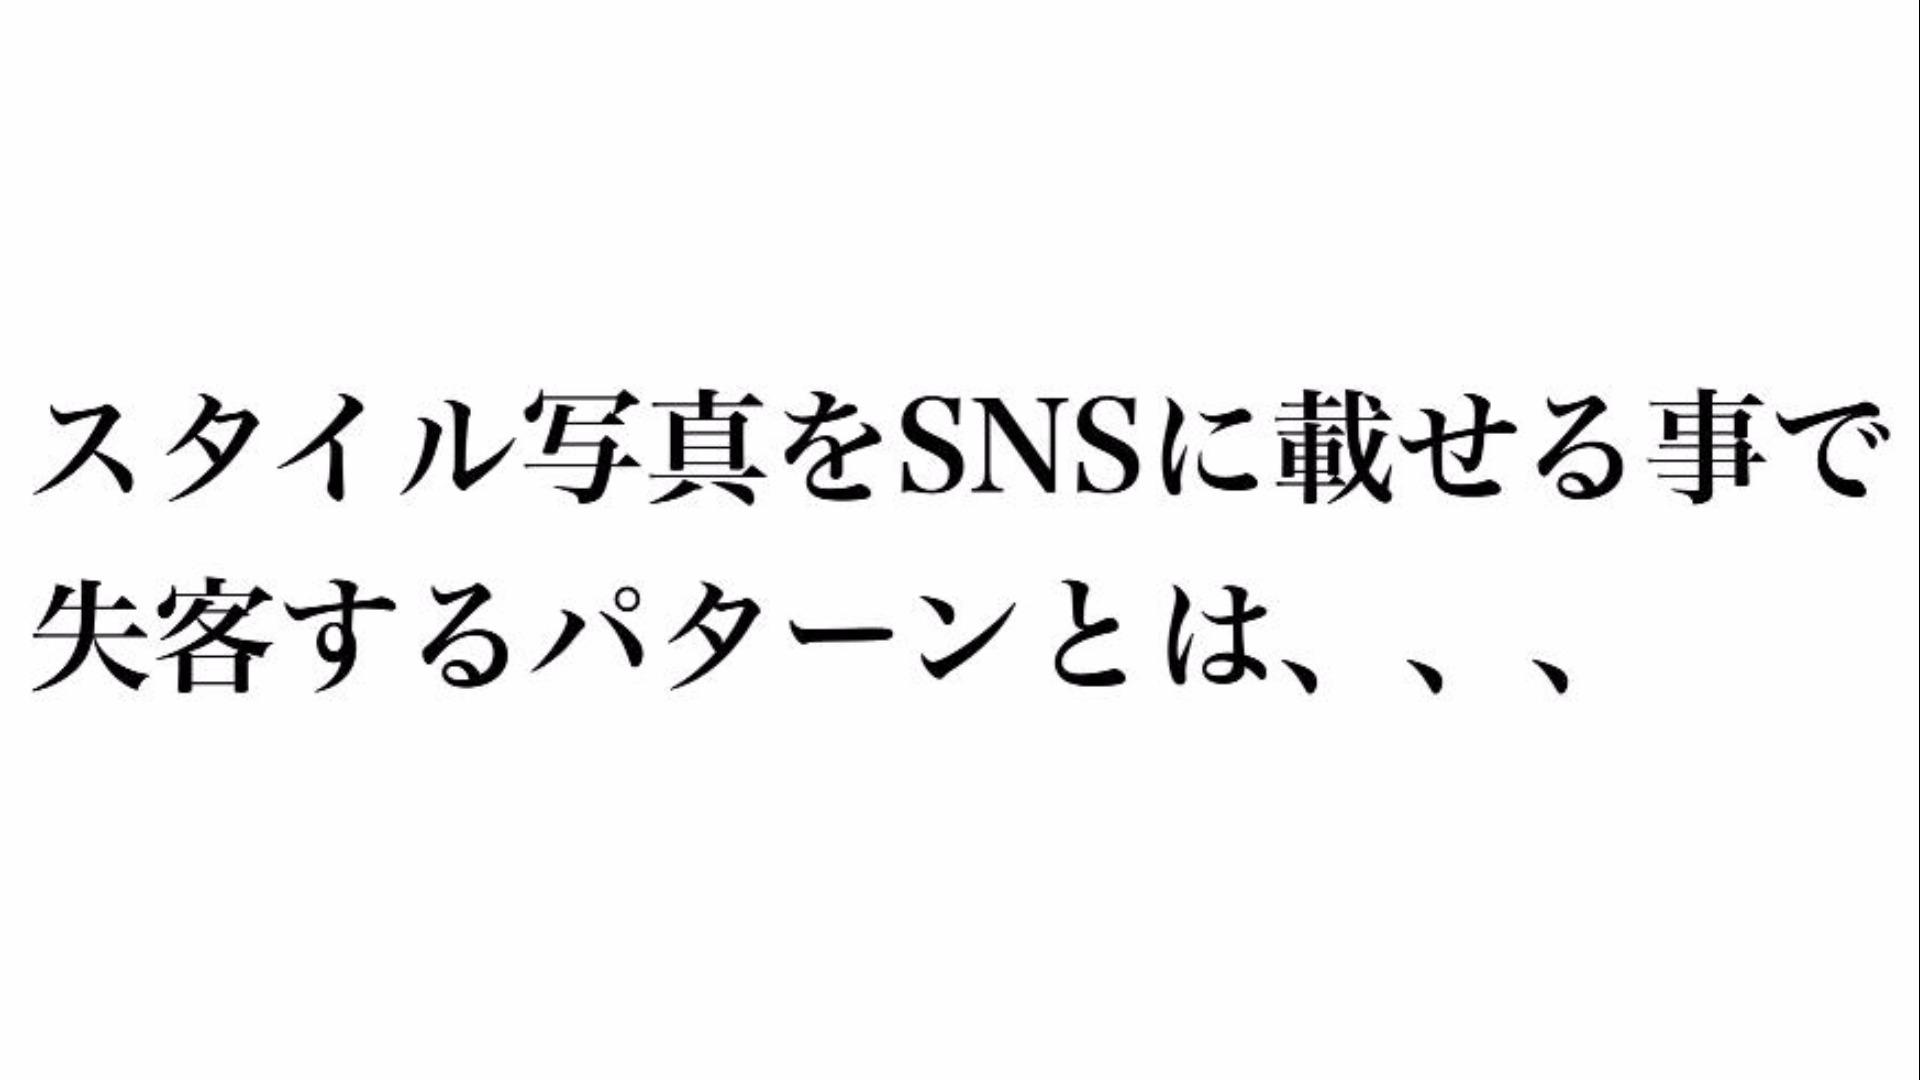 スタイル写真をSNSに載せる事で失客するパターンとは、、、